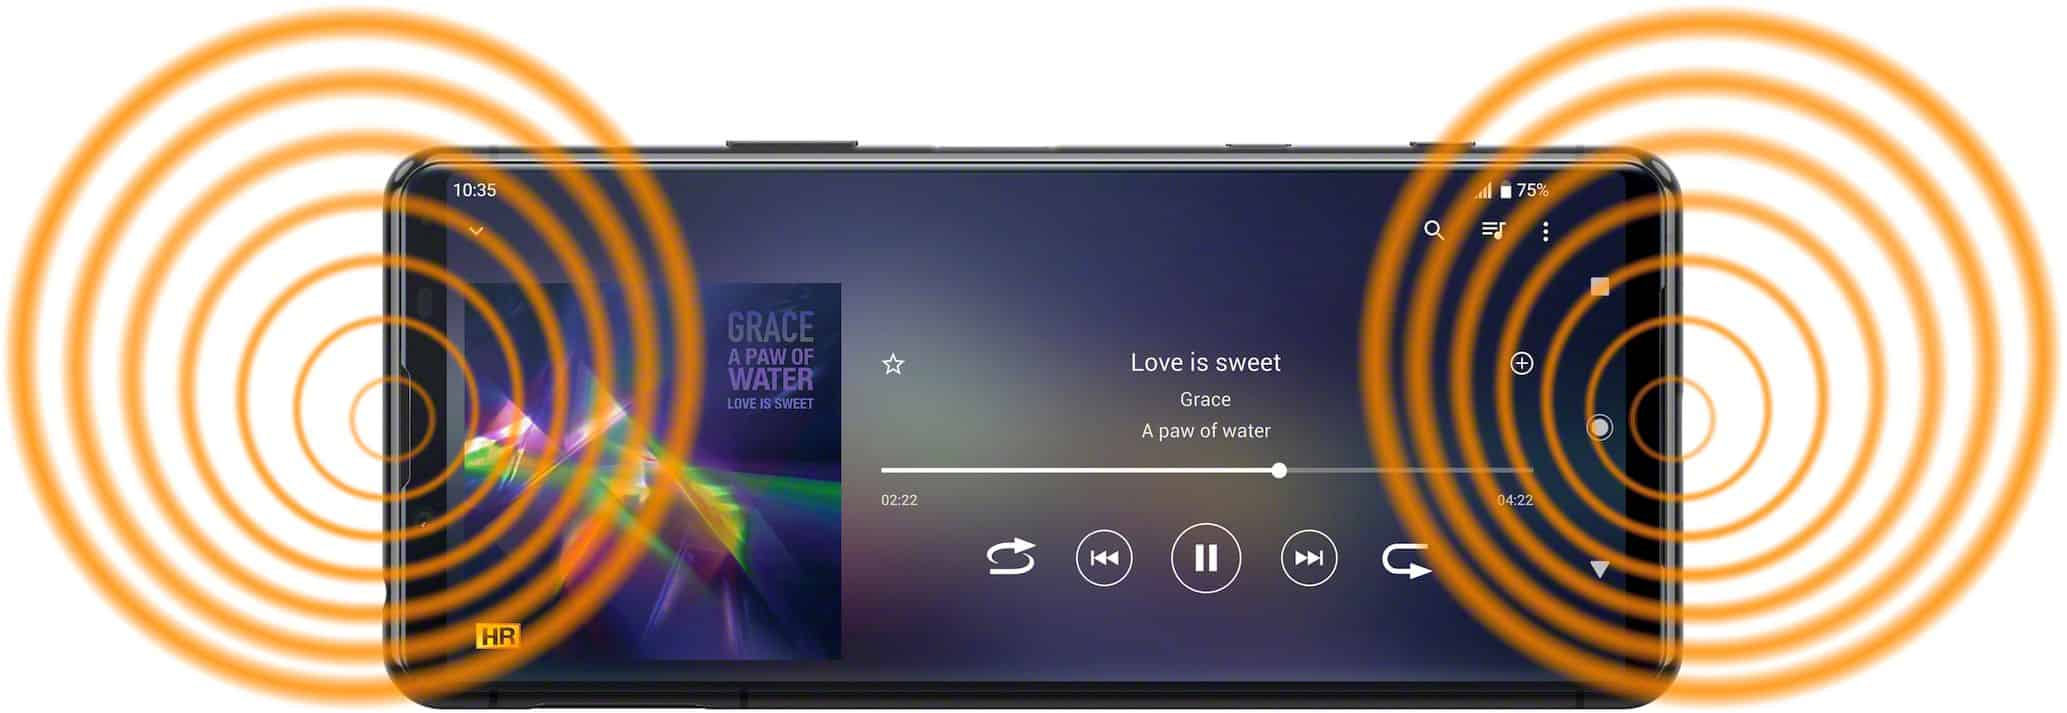 Sony Xperia 5 II render leak 14